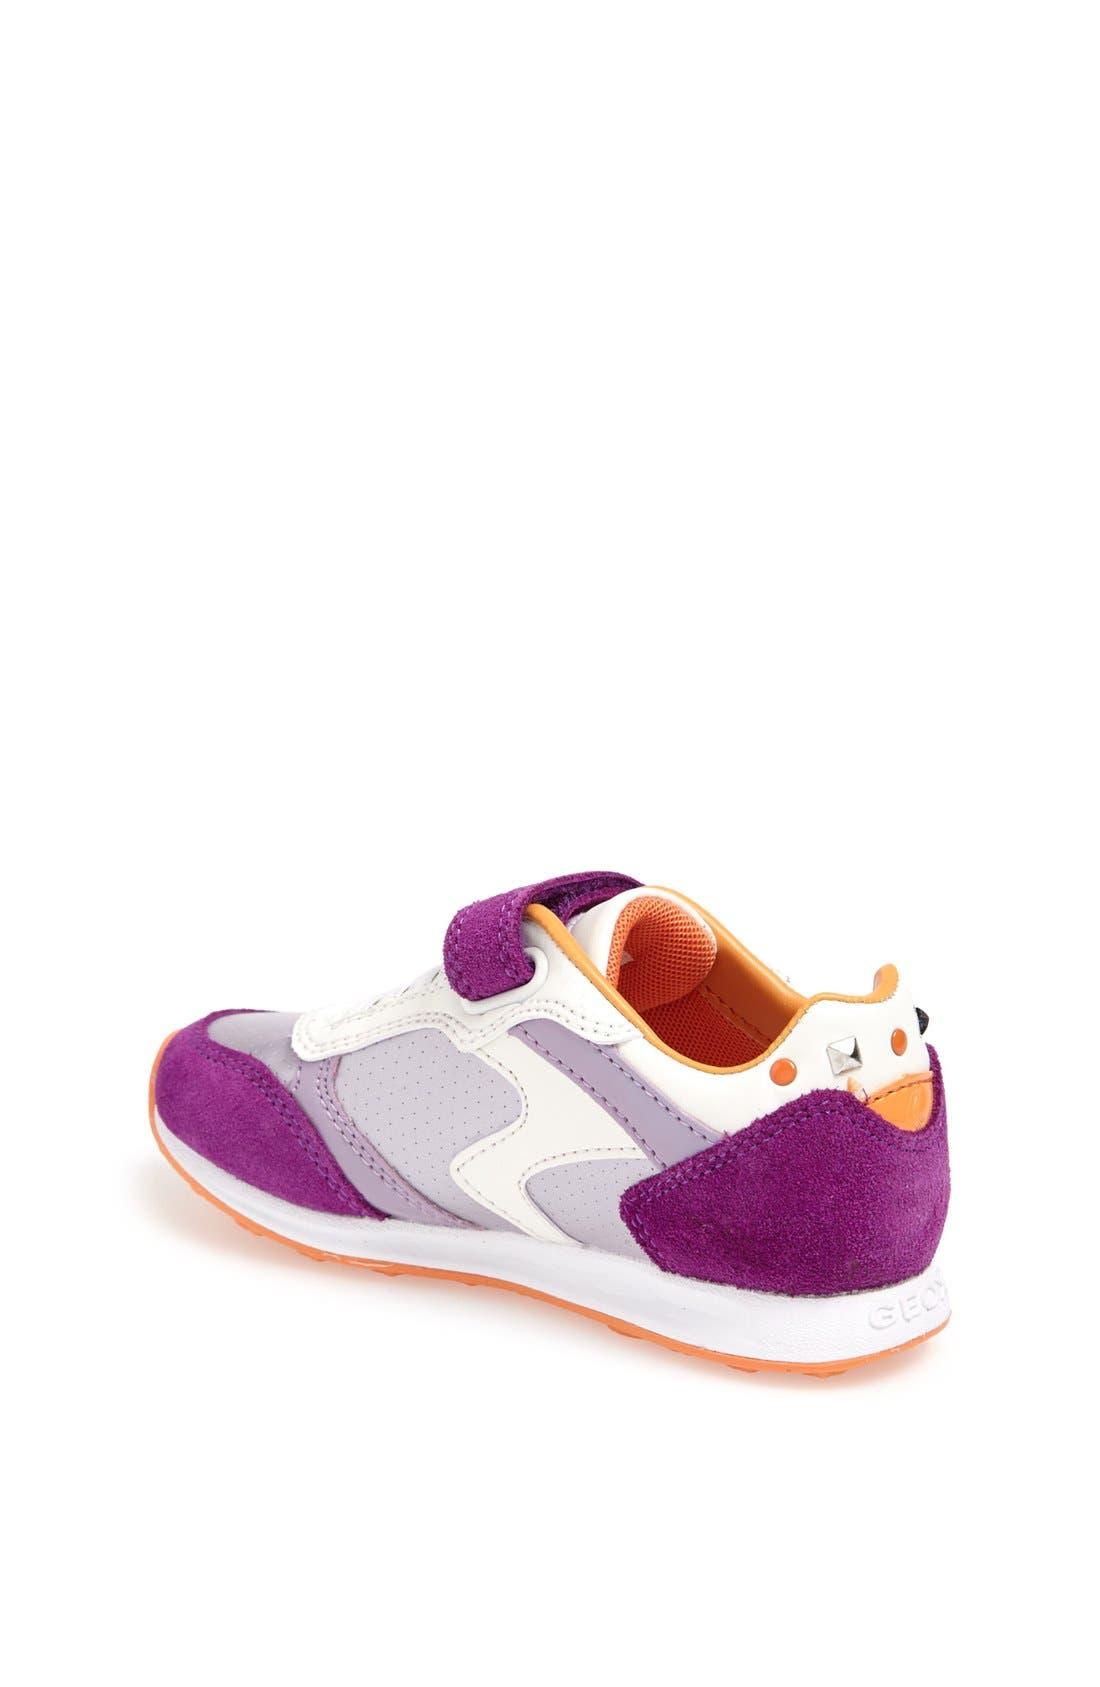 Alternate Image 2  - Geox 'Elliot' Sneaker (Toddler & Little Kid)